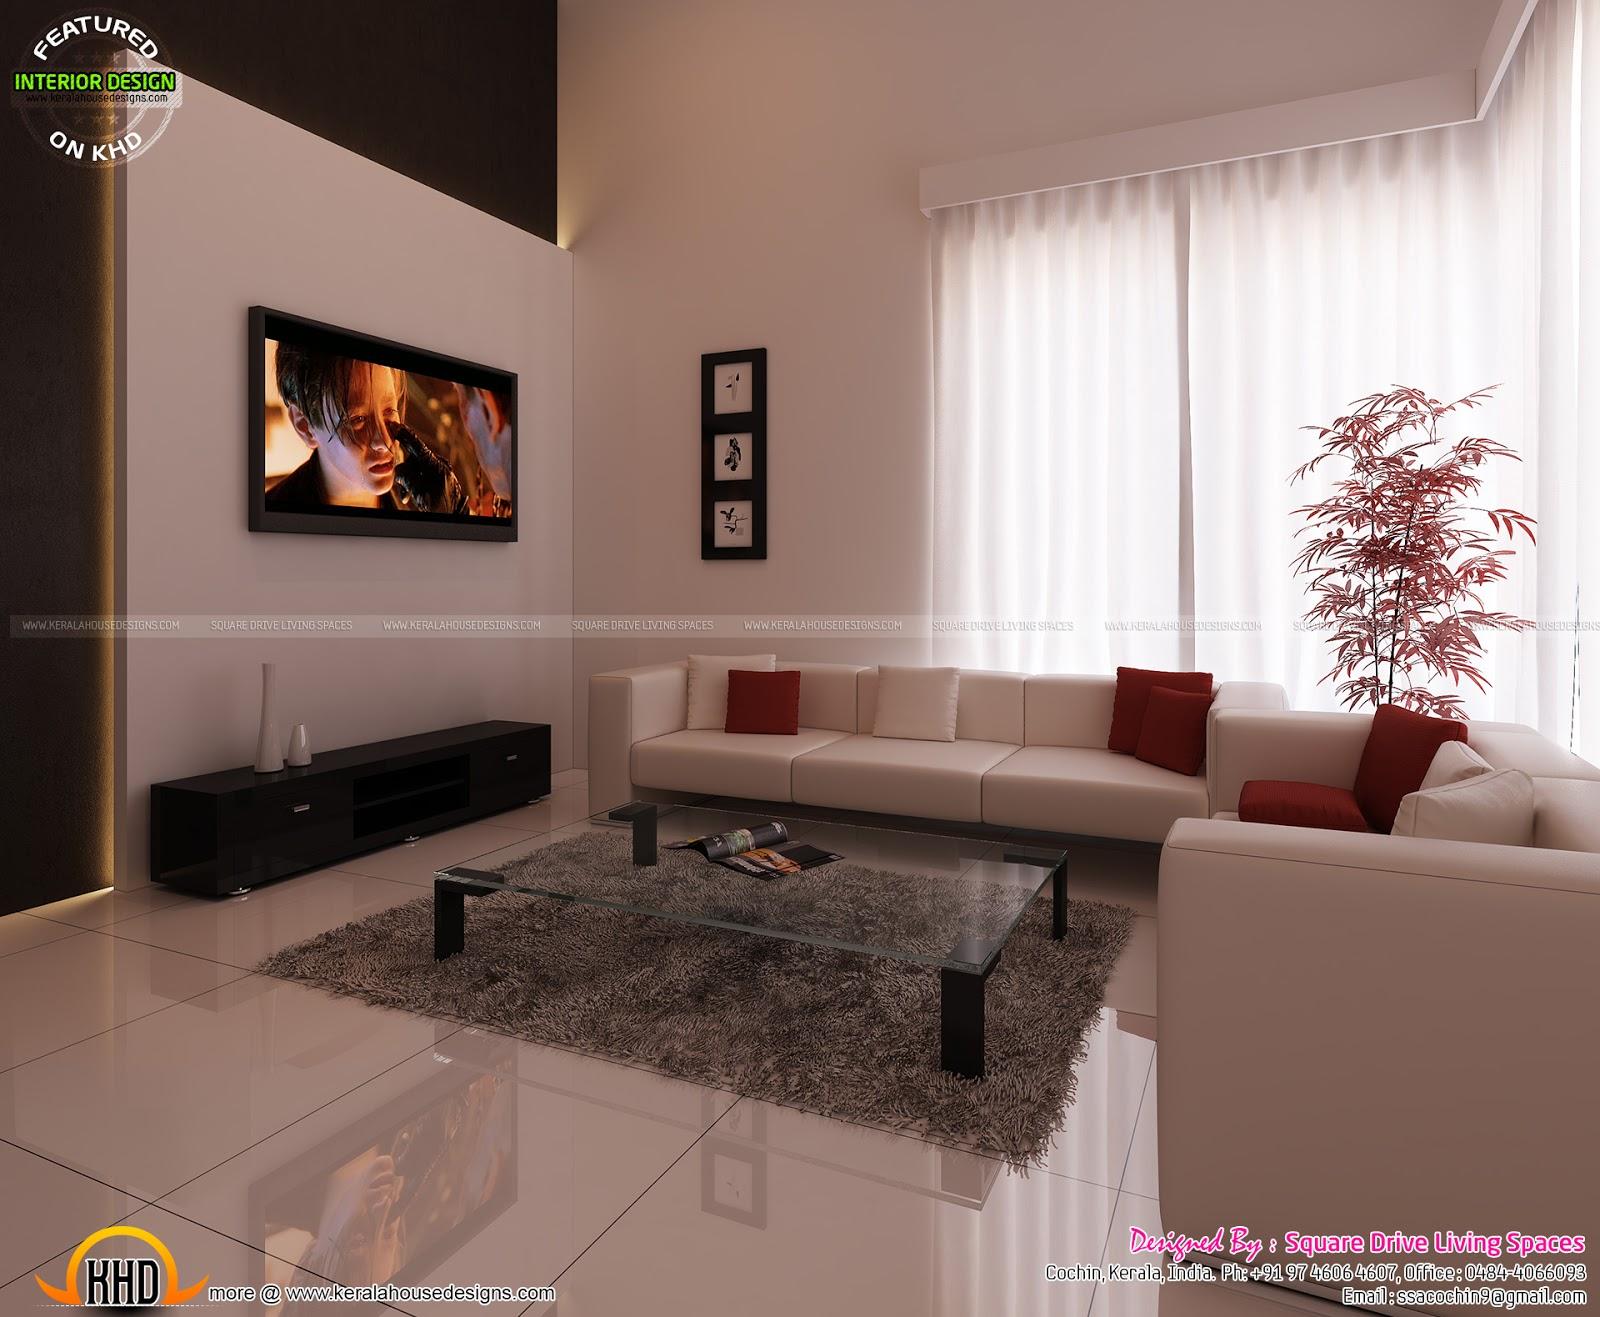 Green Kitchen, Bedroom, Living Inteiors